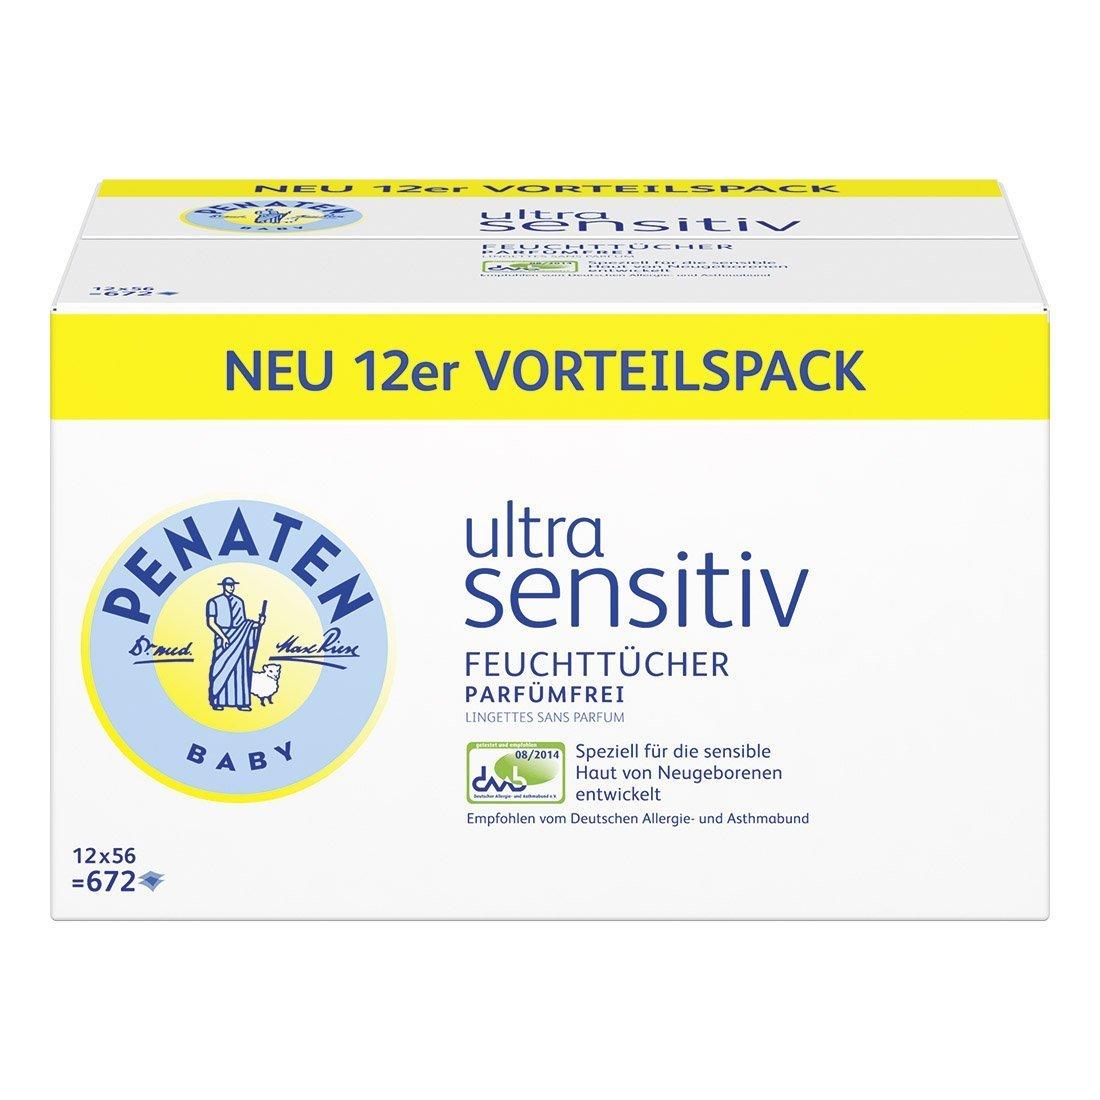 Penaten Ultra Sensitiv Feuchttücher parfümfrei – Tücher ohne Alkohol und Parfüm für hochsensible Babyhaut – Auch für Allergiker geeignet – Vorteilspack: 12x56 Stück 41800